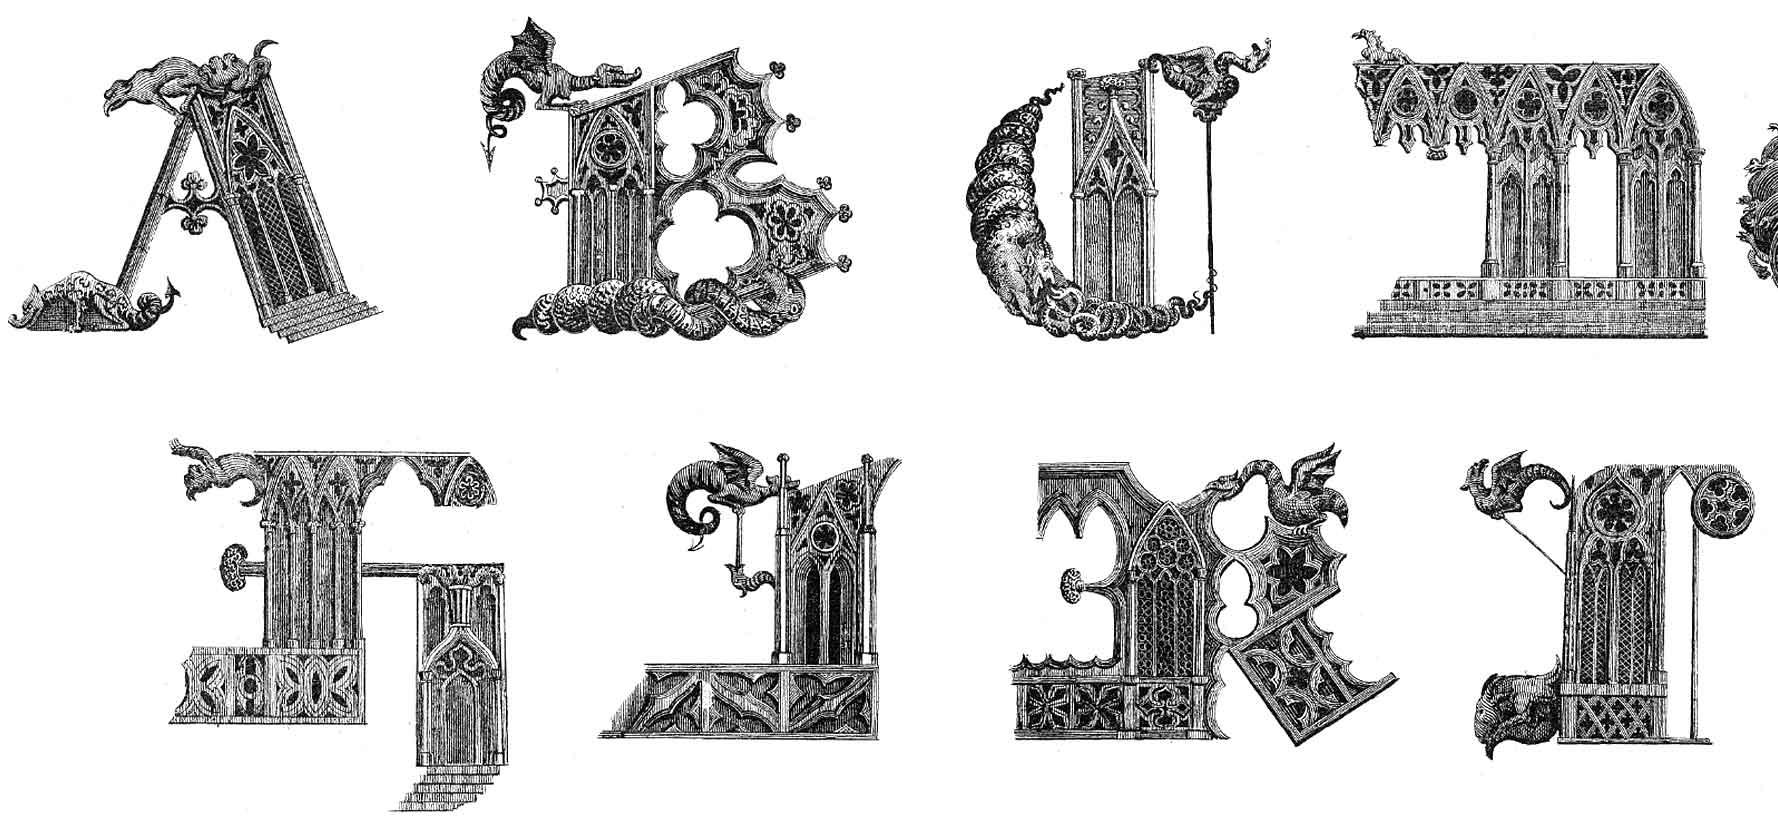 specimen-des-ecritures-modernes-jean-midolle-1835-gothique-composee